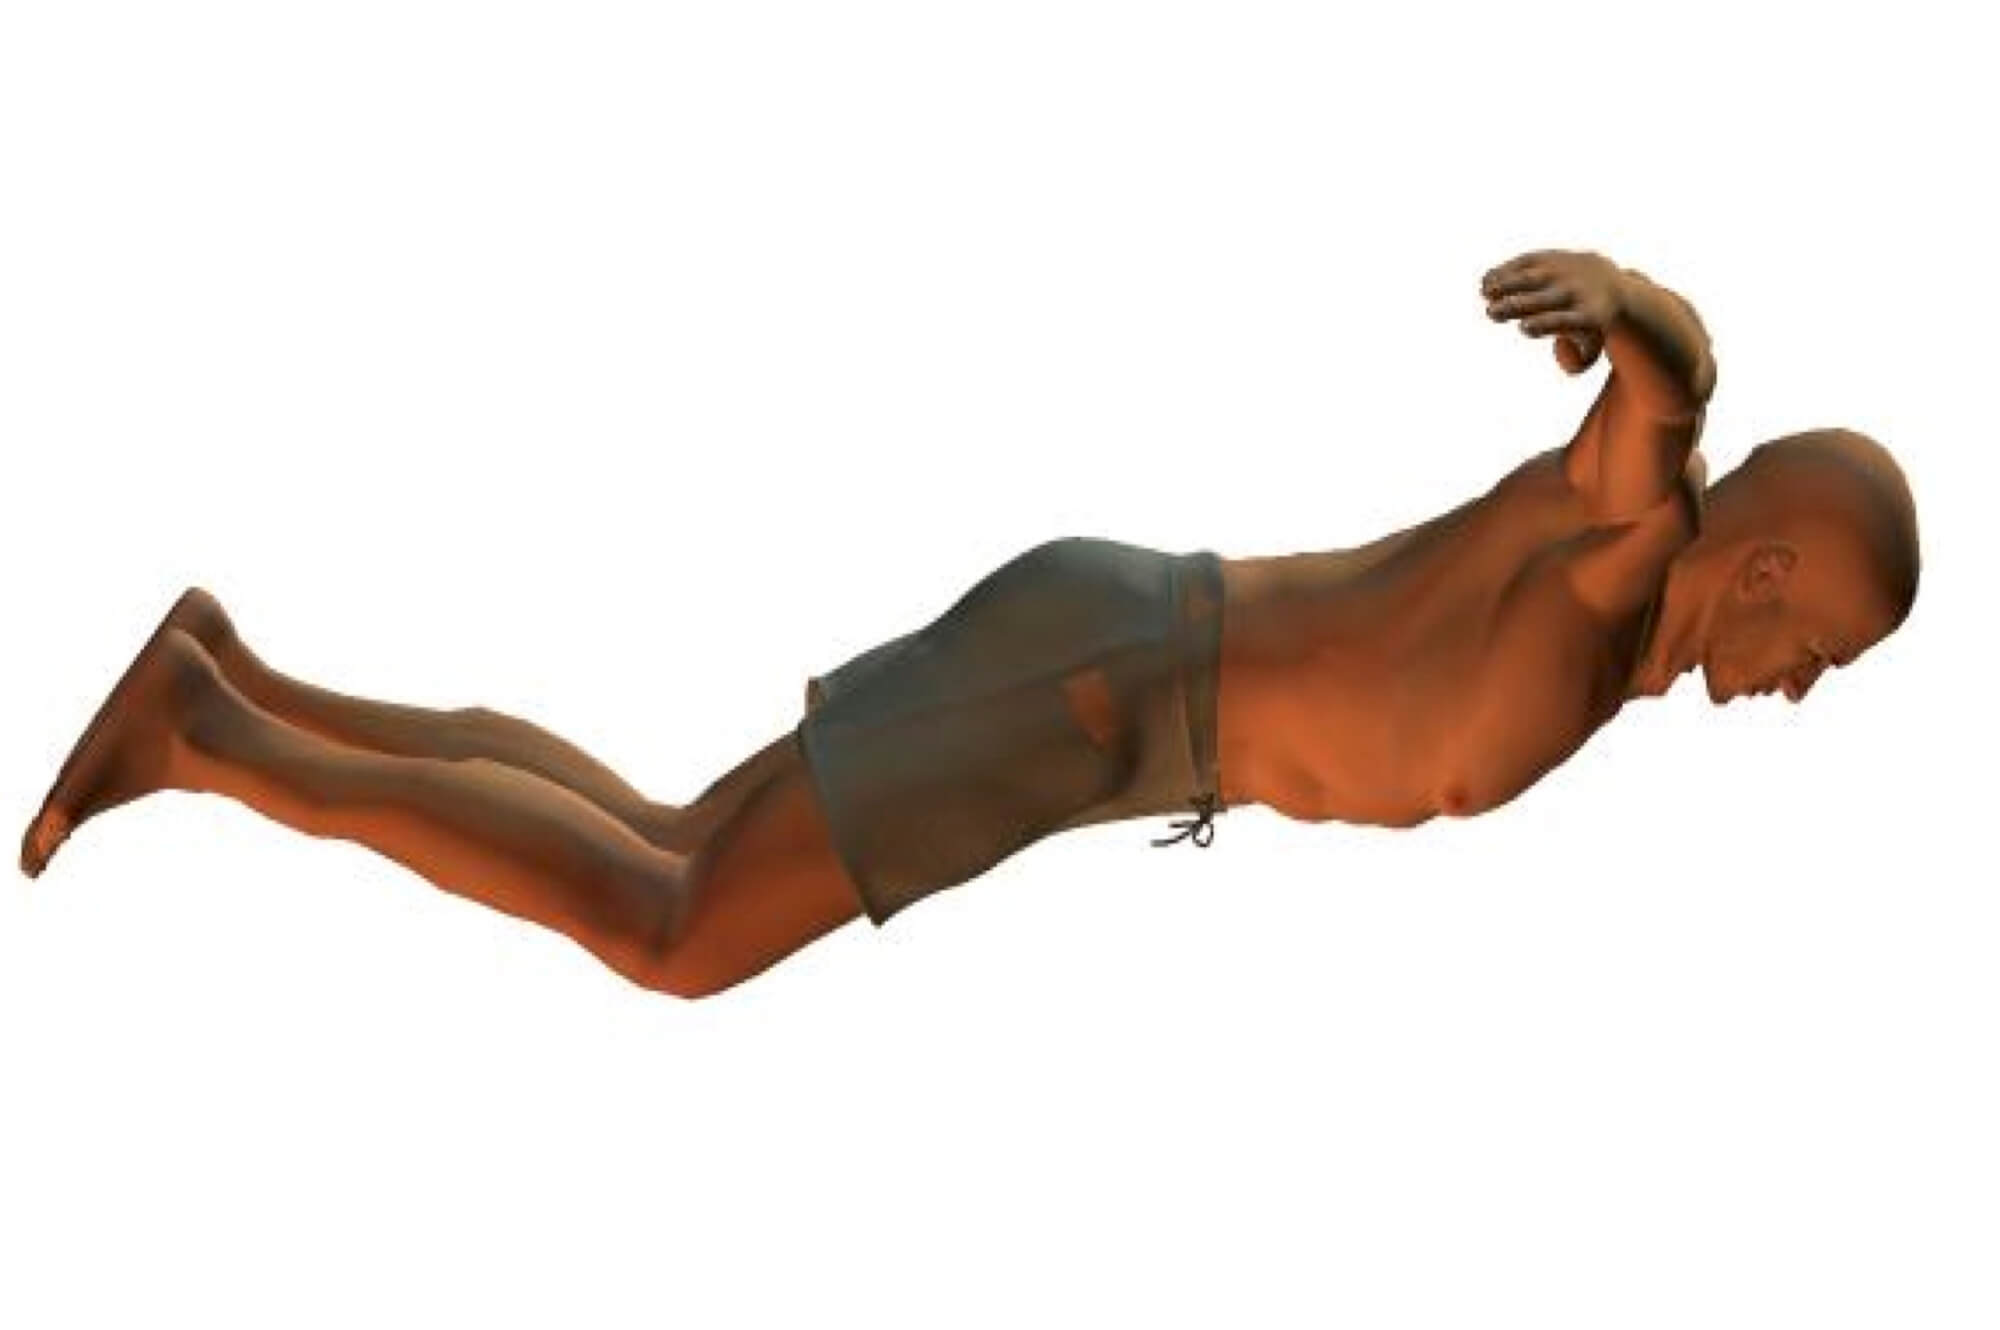 butterfly stroke body position